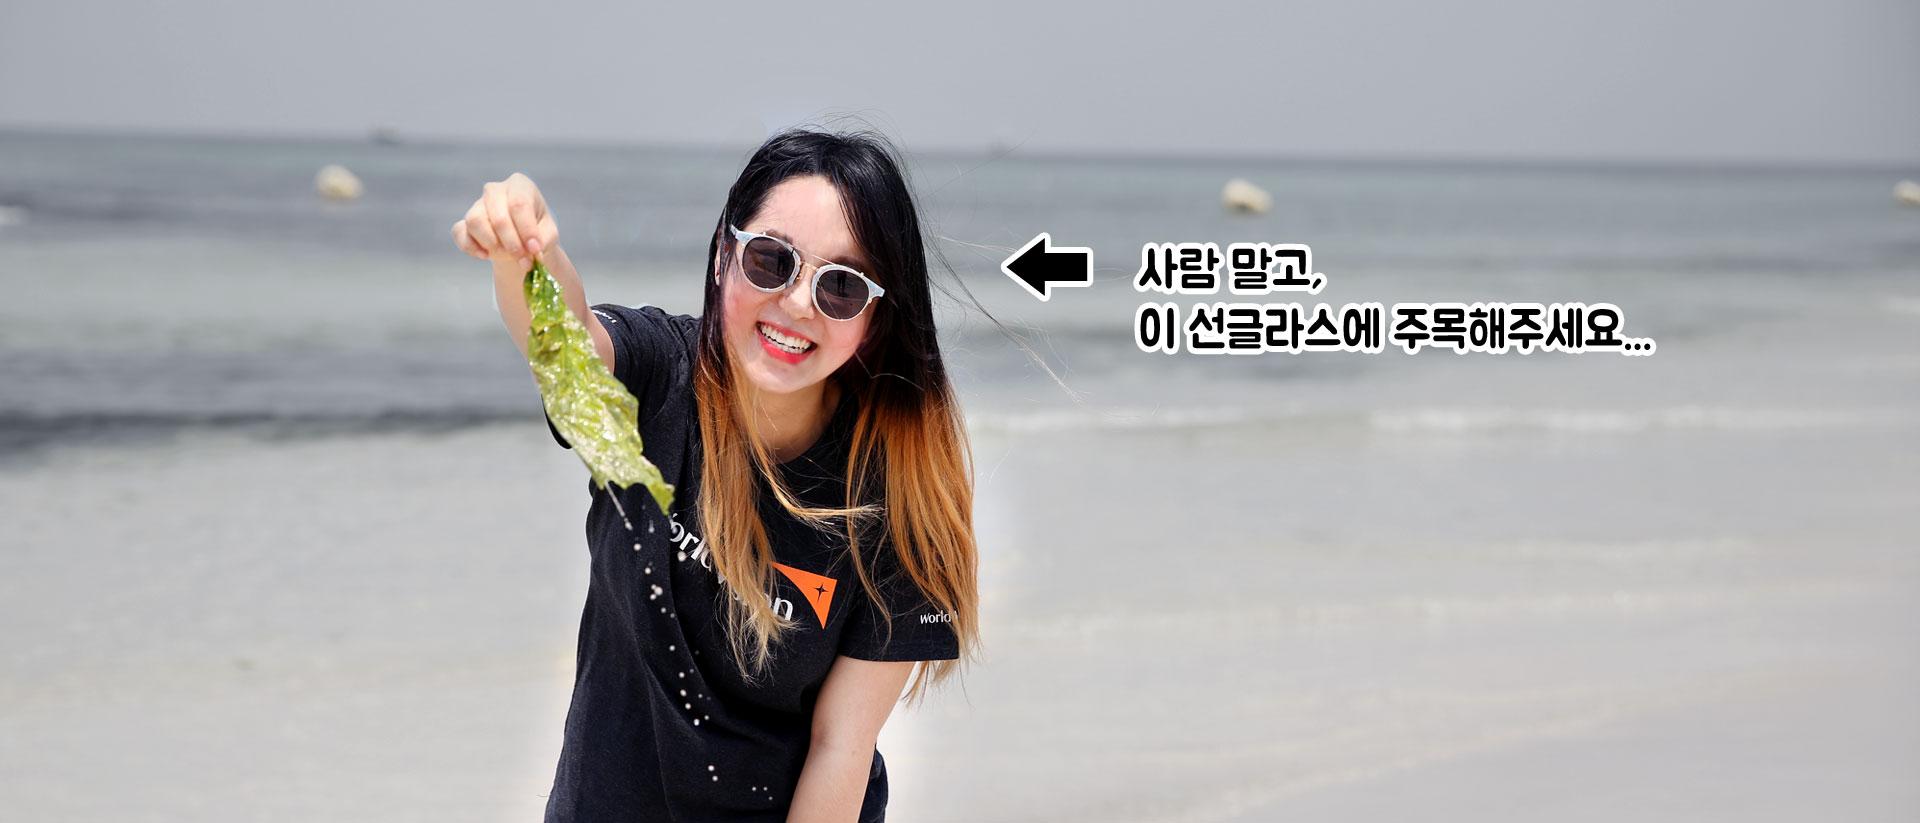 제 돈 주고 제가 사서 찍은 착용샷(feat. 제주산 미역)